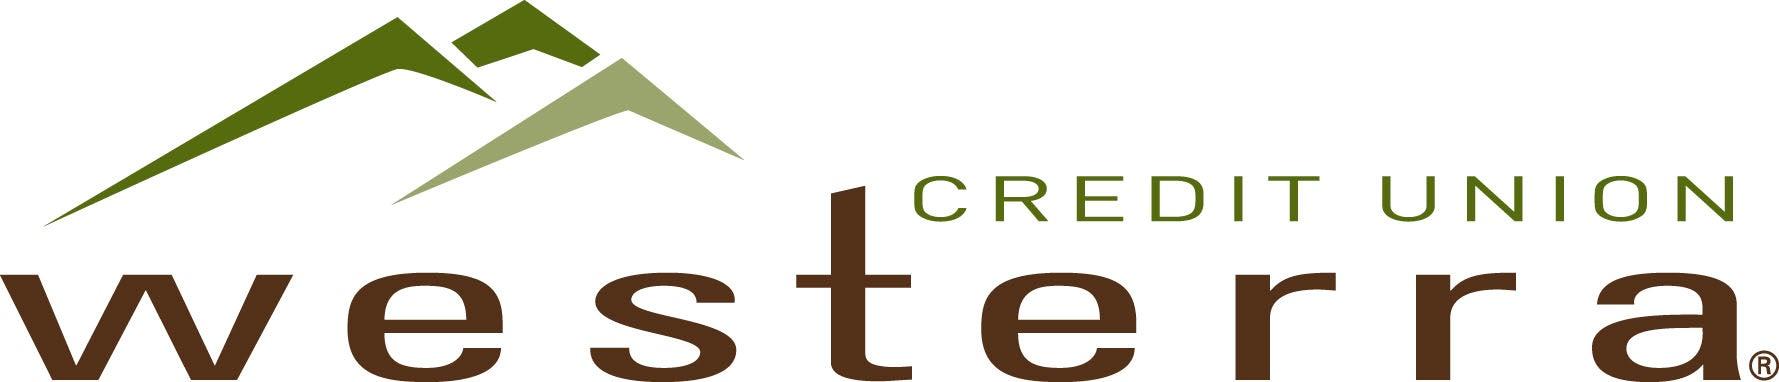 Westerra Credit Union Logo.jpg